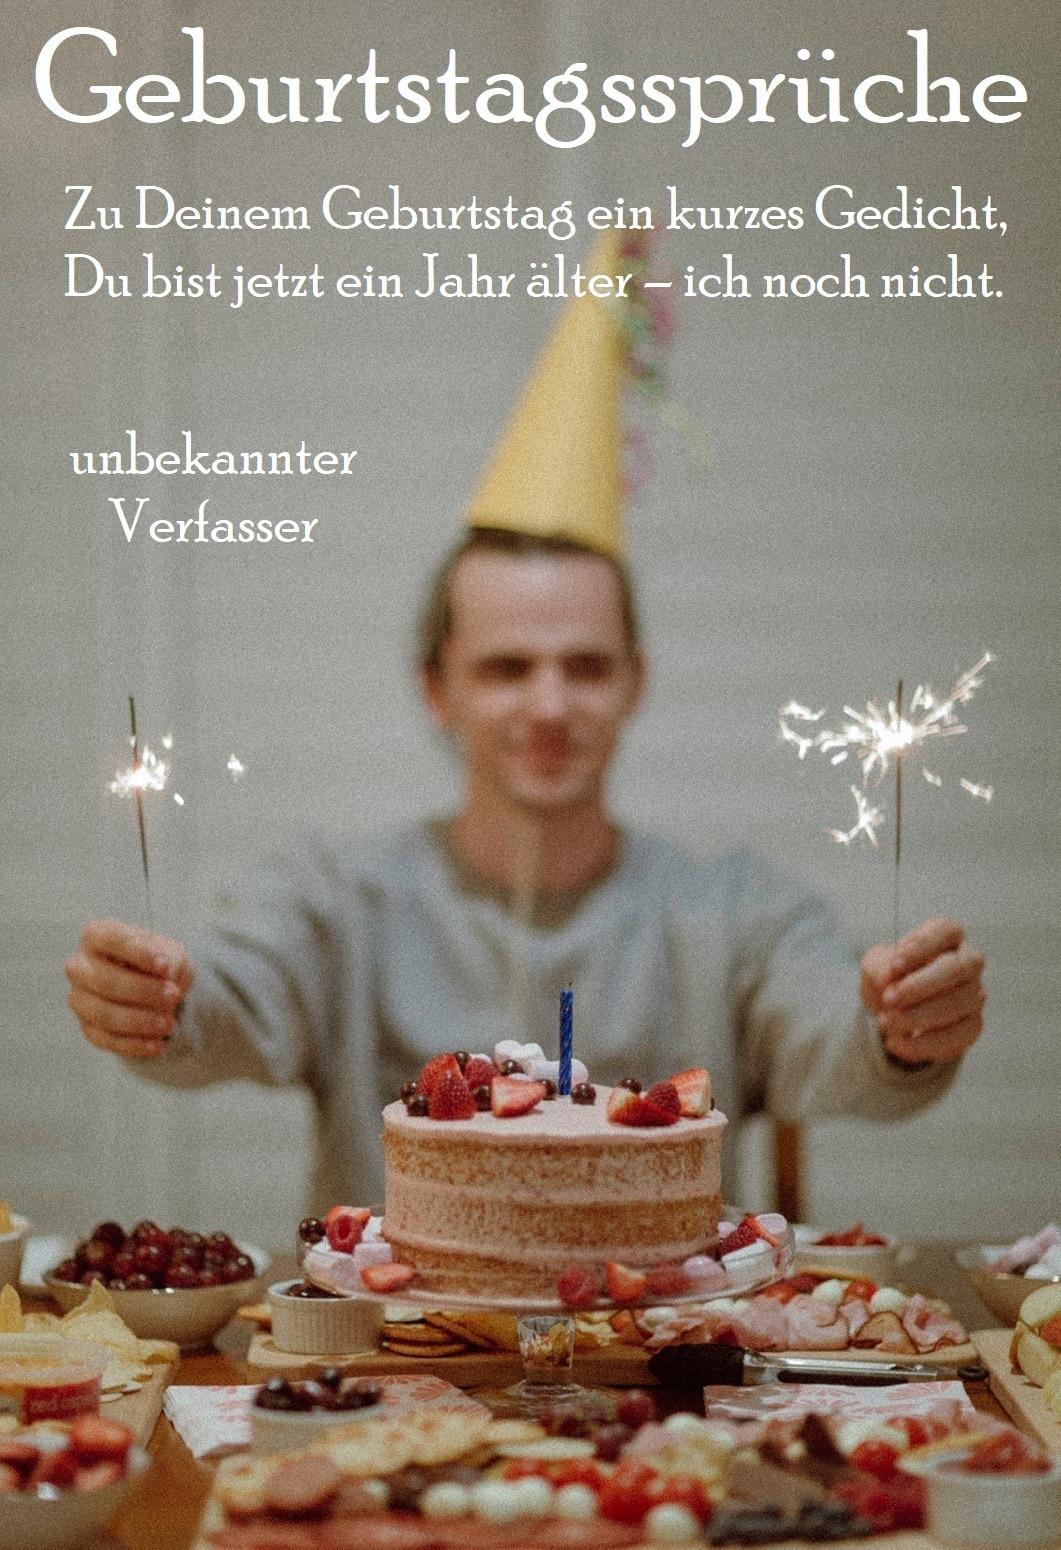 Geburtstagsspruch verwenden